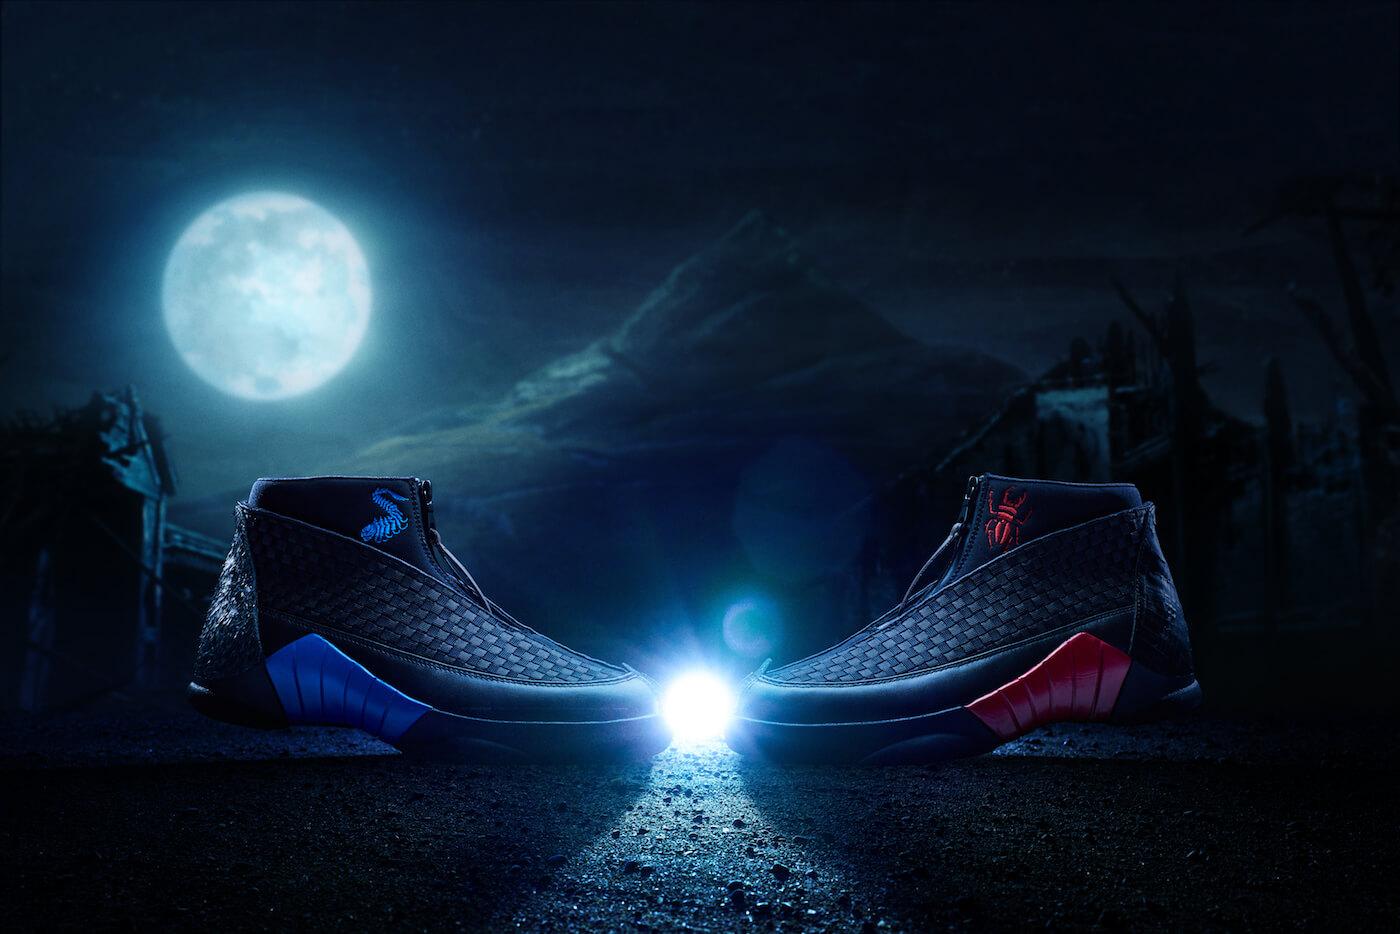 Nike shoes kubo laika 4